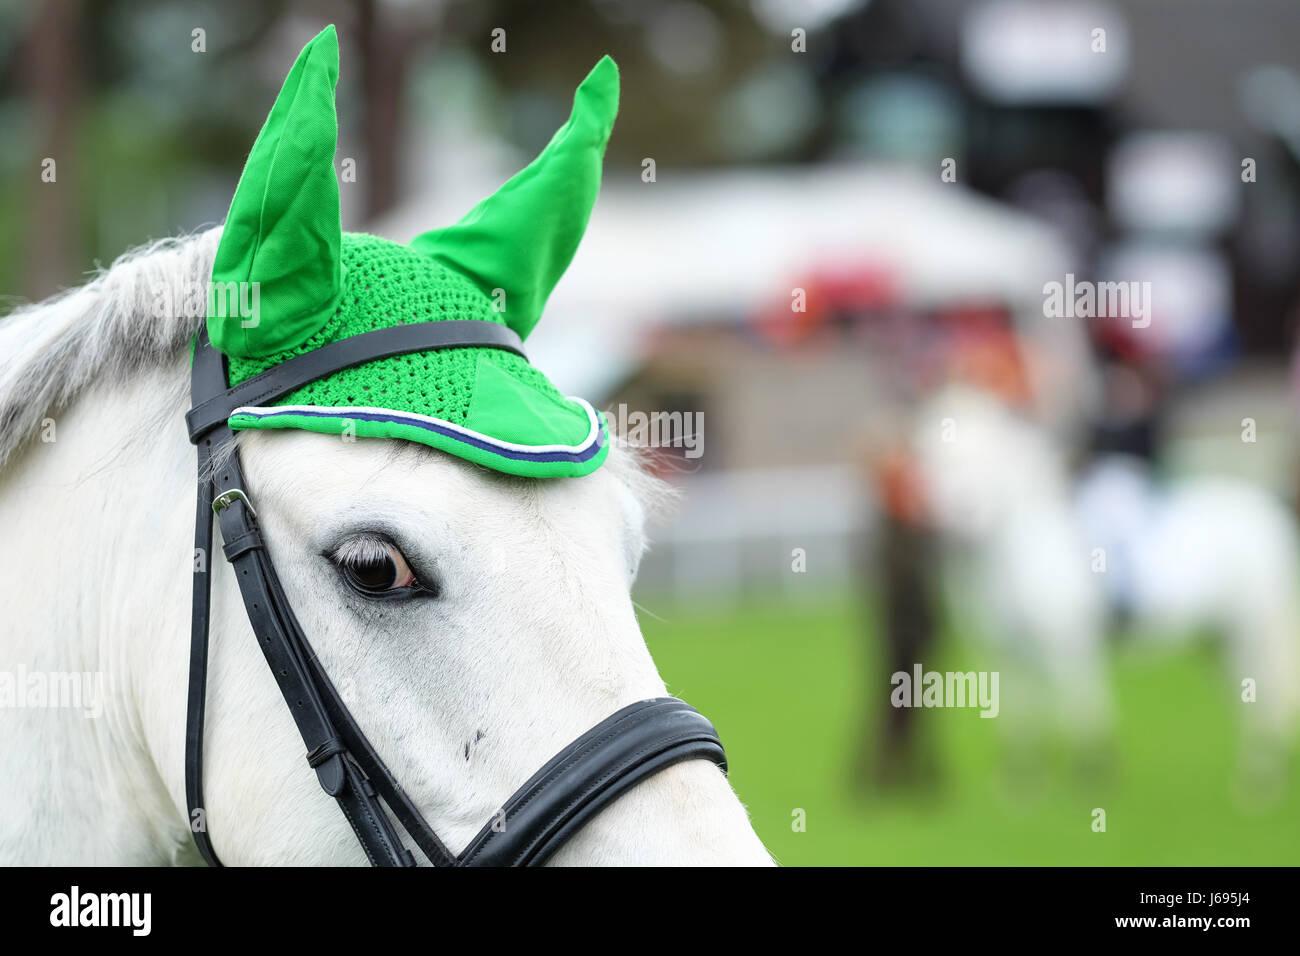 Royal Welsh Festival di Primavera, Builth Wells, Powys, Galles - Maggio 2017 - un pony con un distintivo verde orecchio Immagini Stock